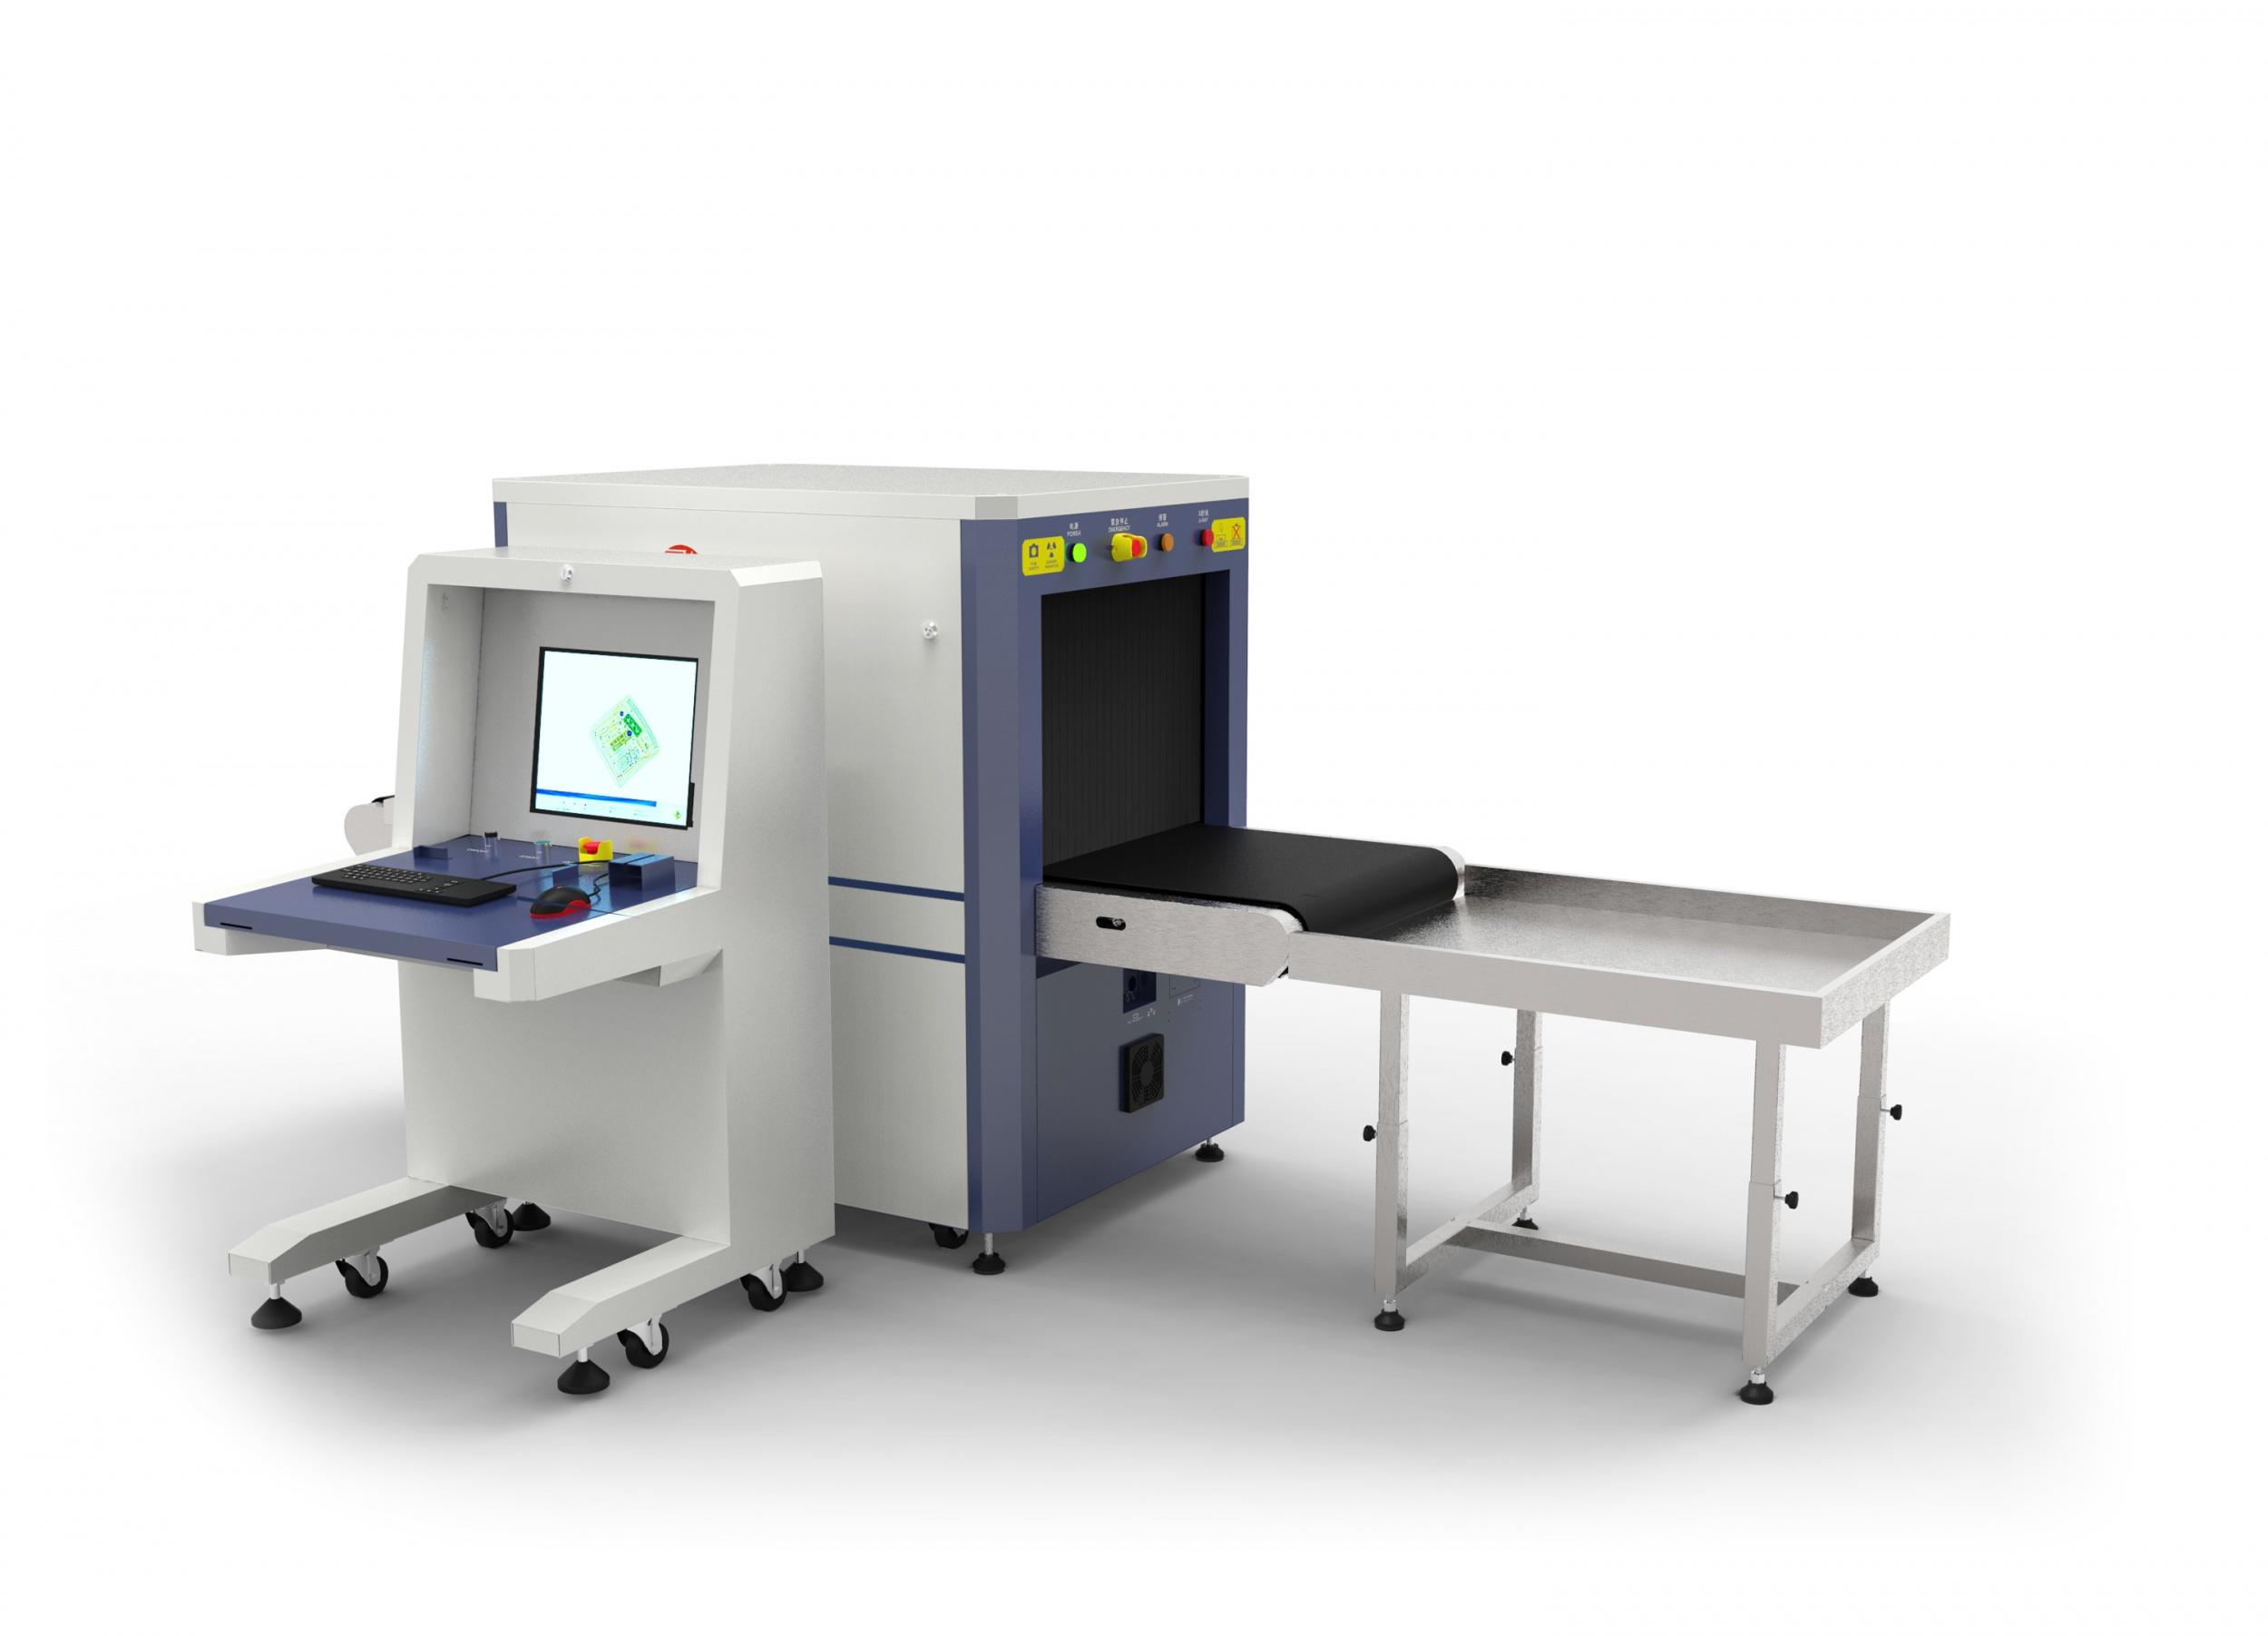 安檢X光機是怎么分辨炸藥毒品槍支刀具等危險物品的?